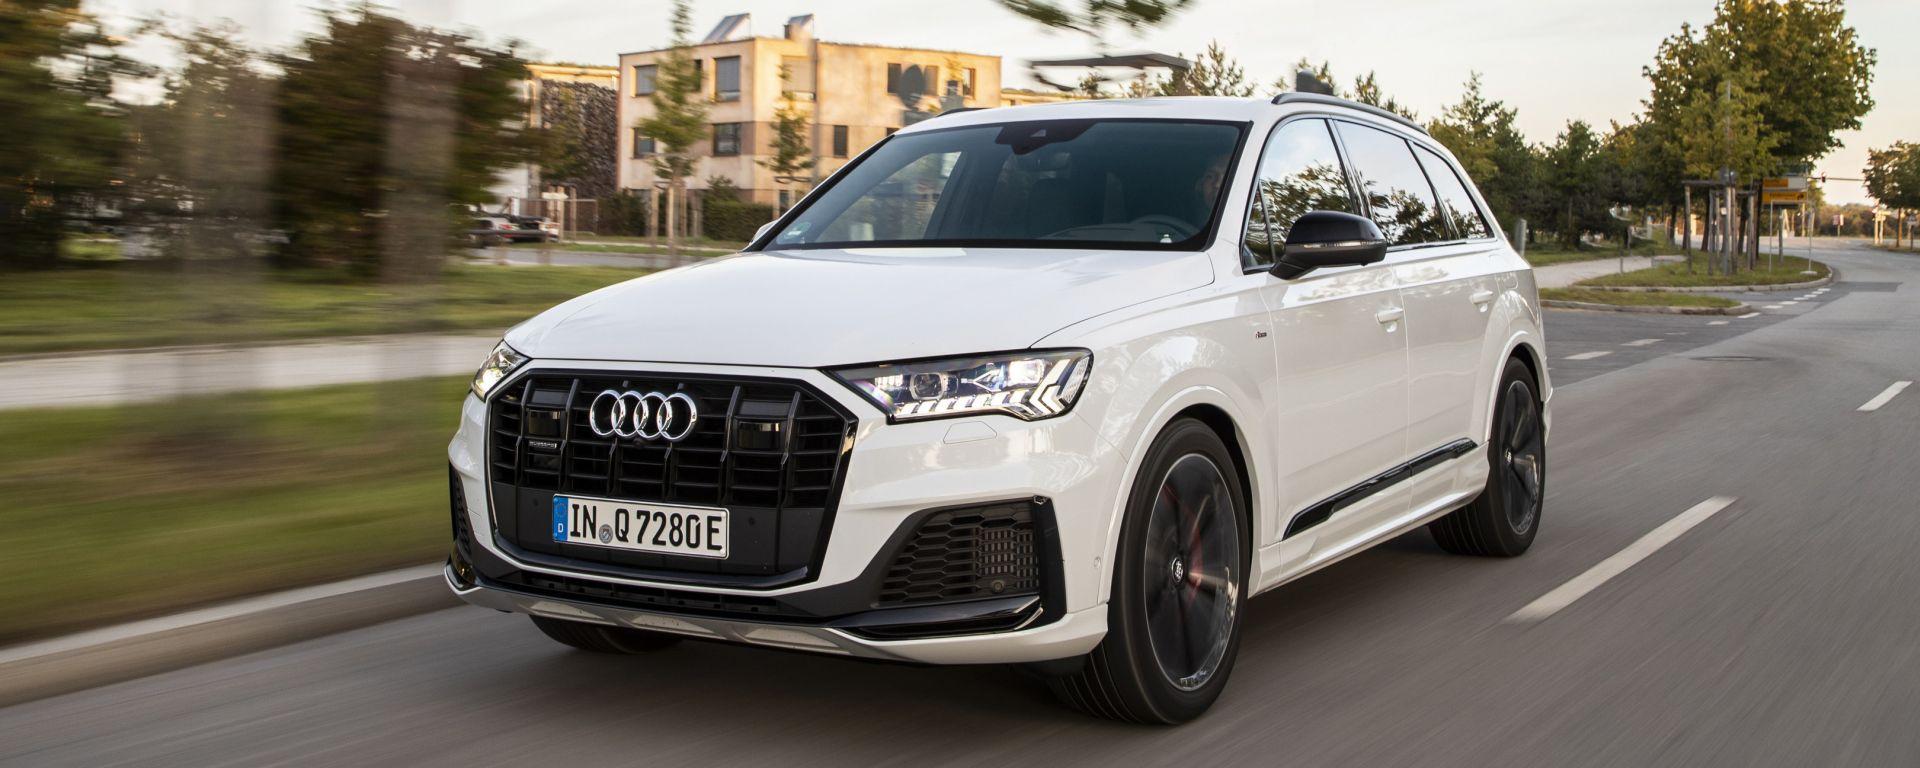 Audi Q7 plug-in hybrid: le novità di motori e batteria